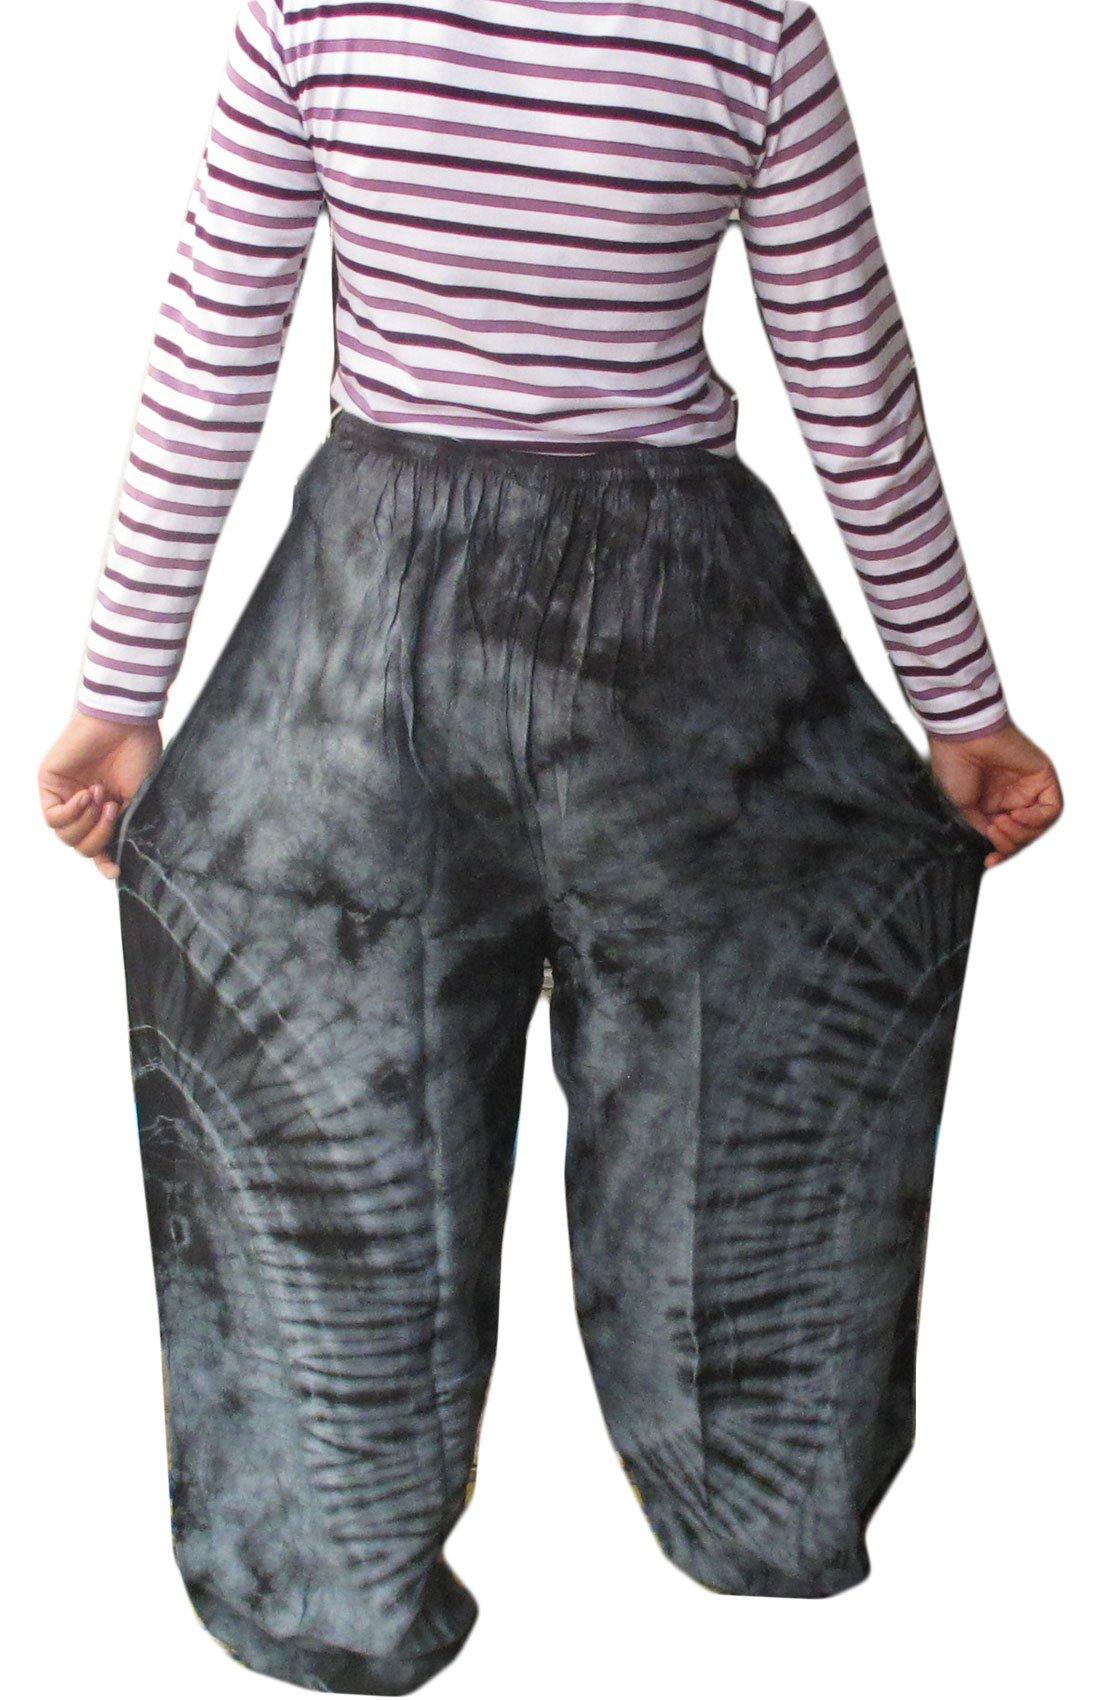 Cotton Rayon Tie Dye Fisherman Yoka Pants Hippie Baggy Trousers